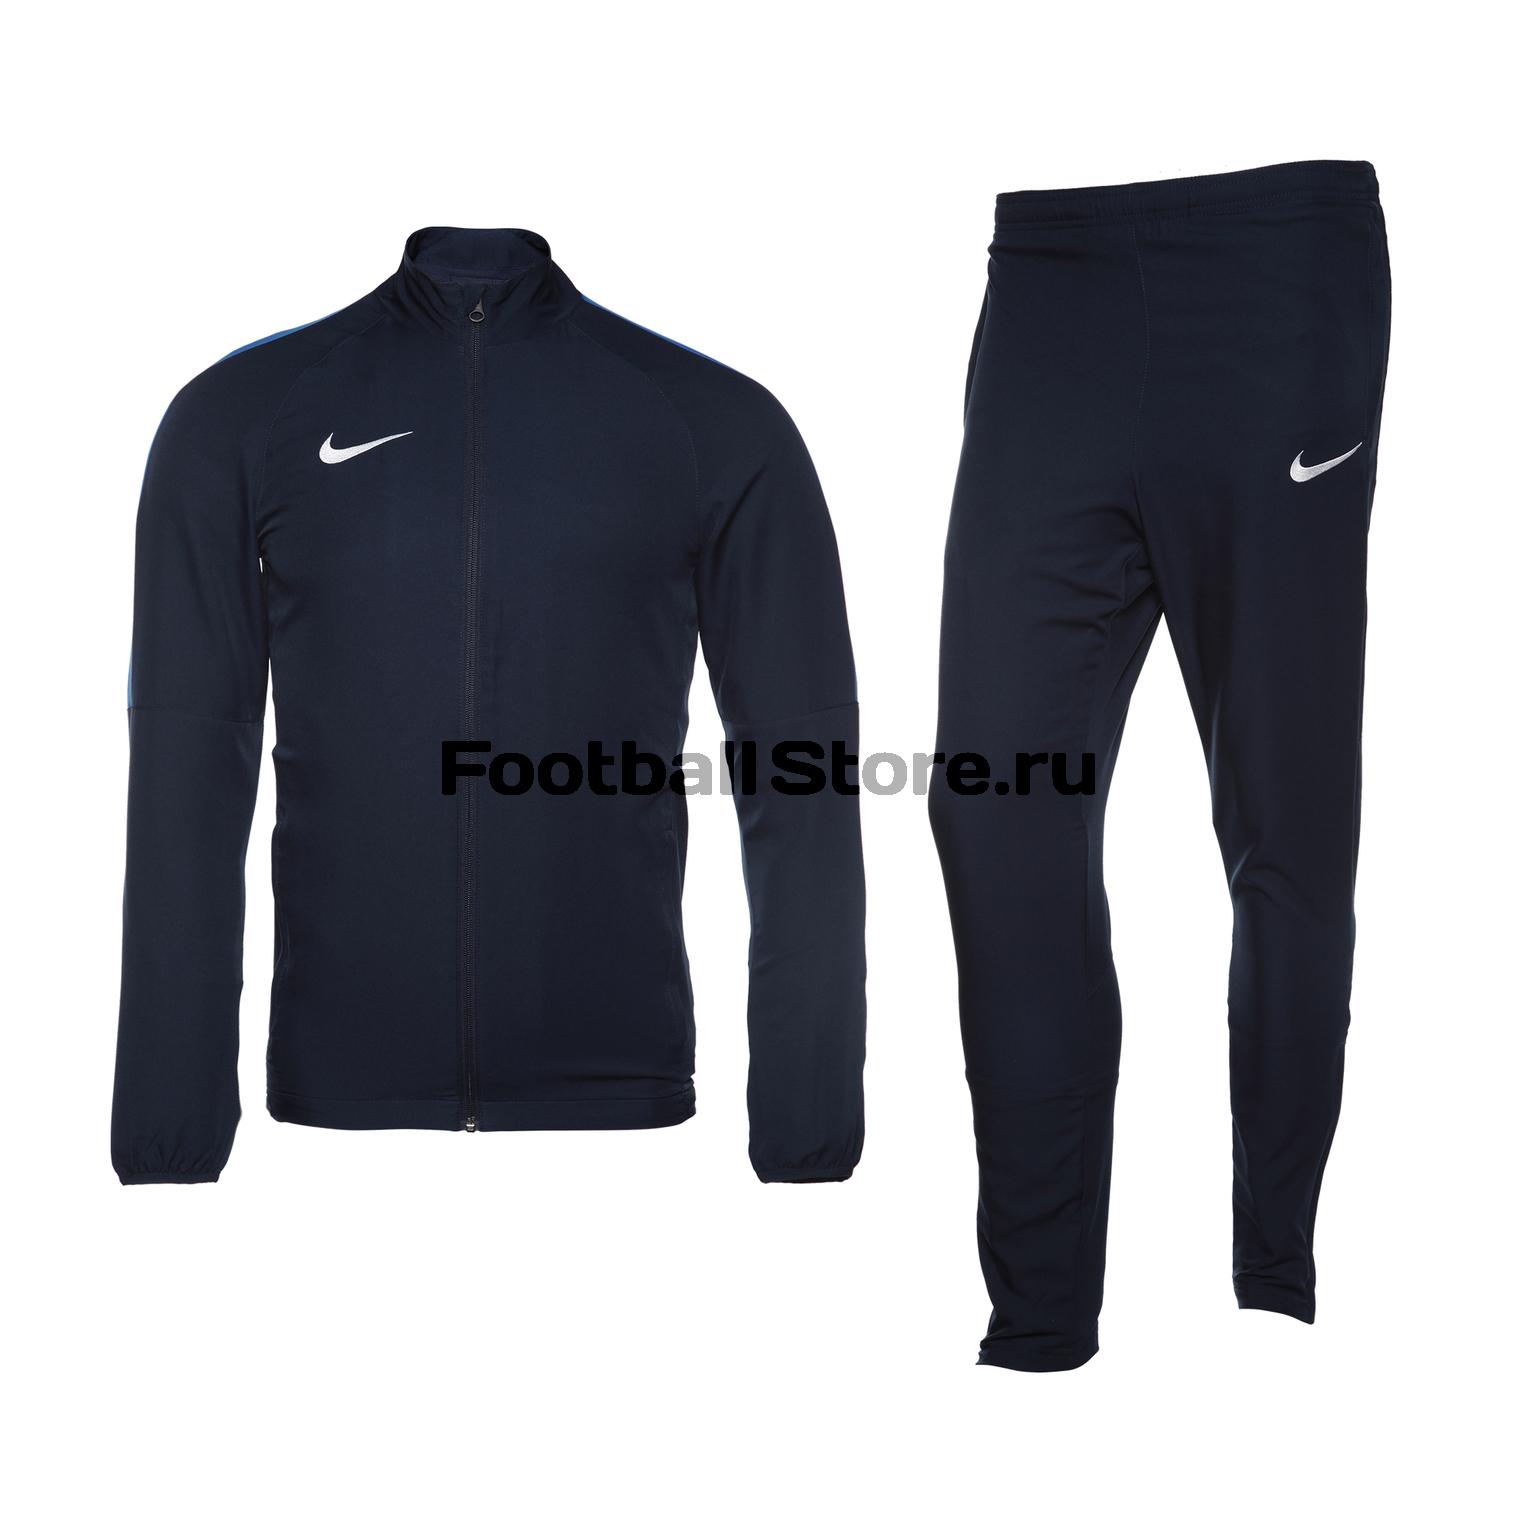 Костюм спортивный Nike Dry Academy18 TRK Suit W 893709-451 костюм спортивный nike m dry acdmy trk suit 844327 451